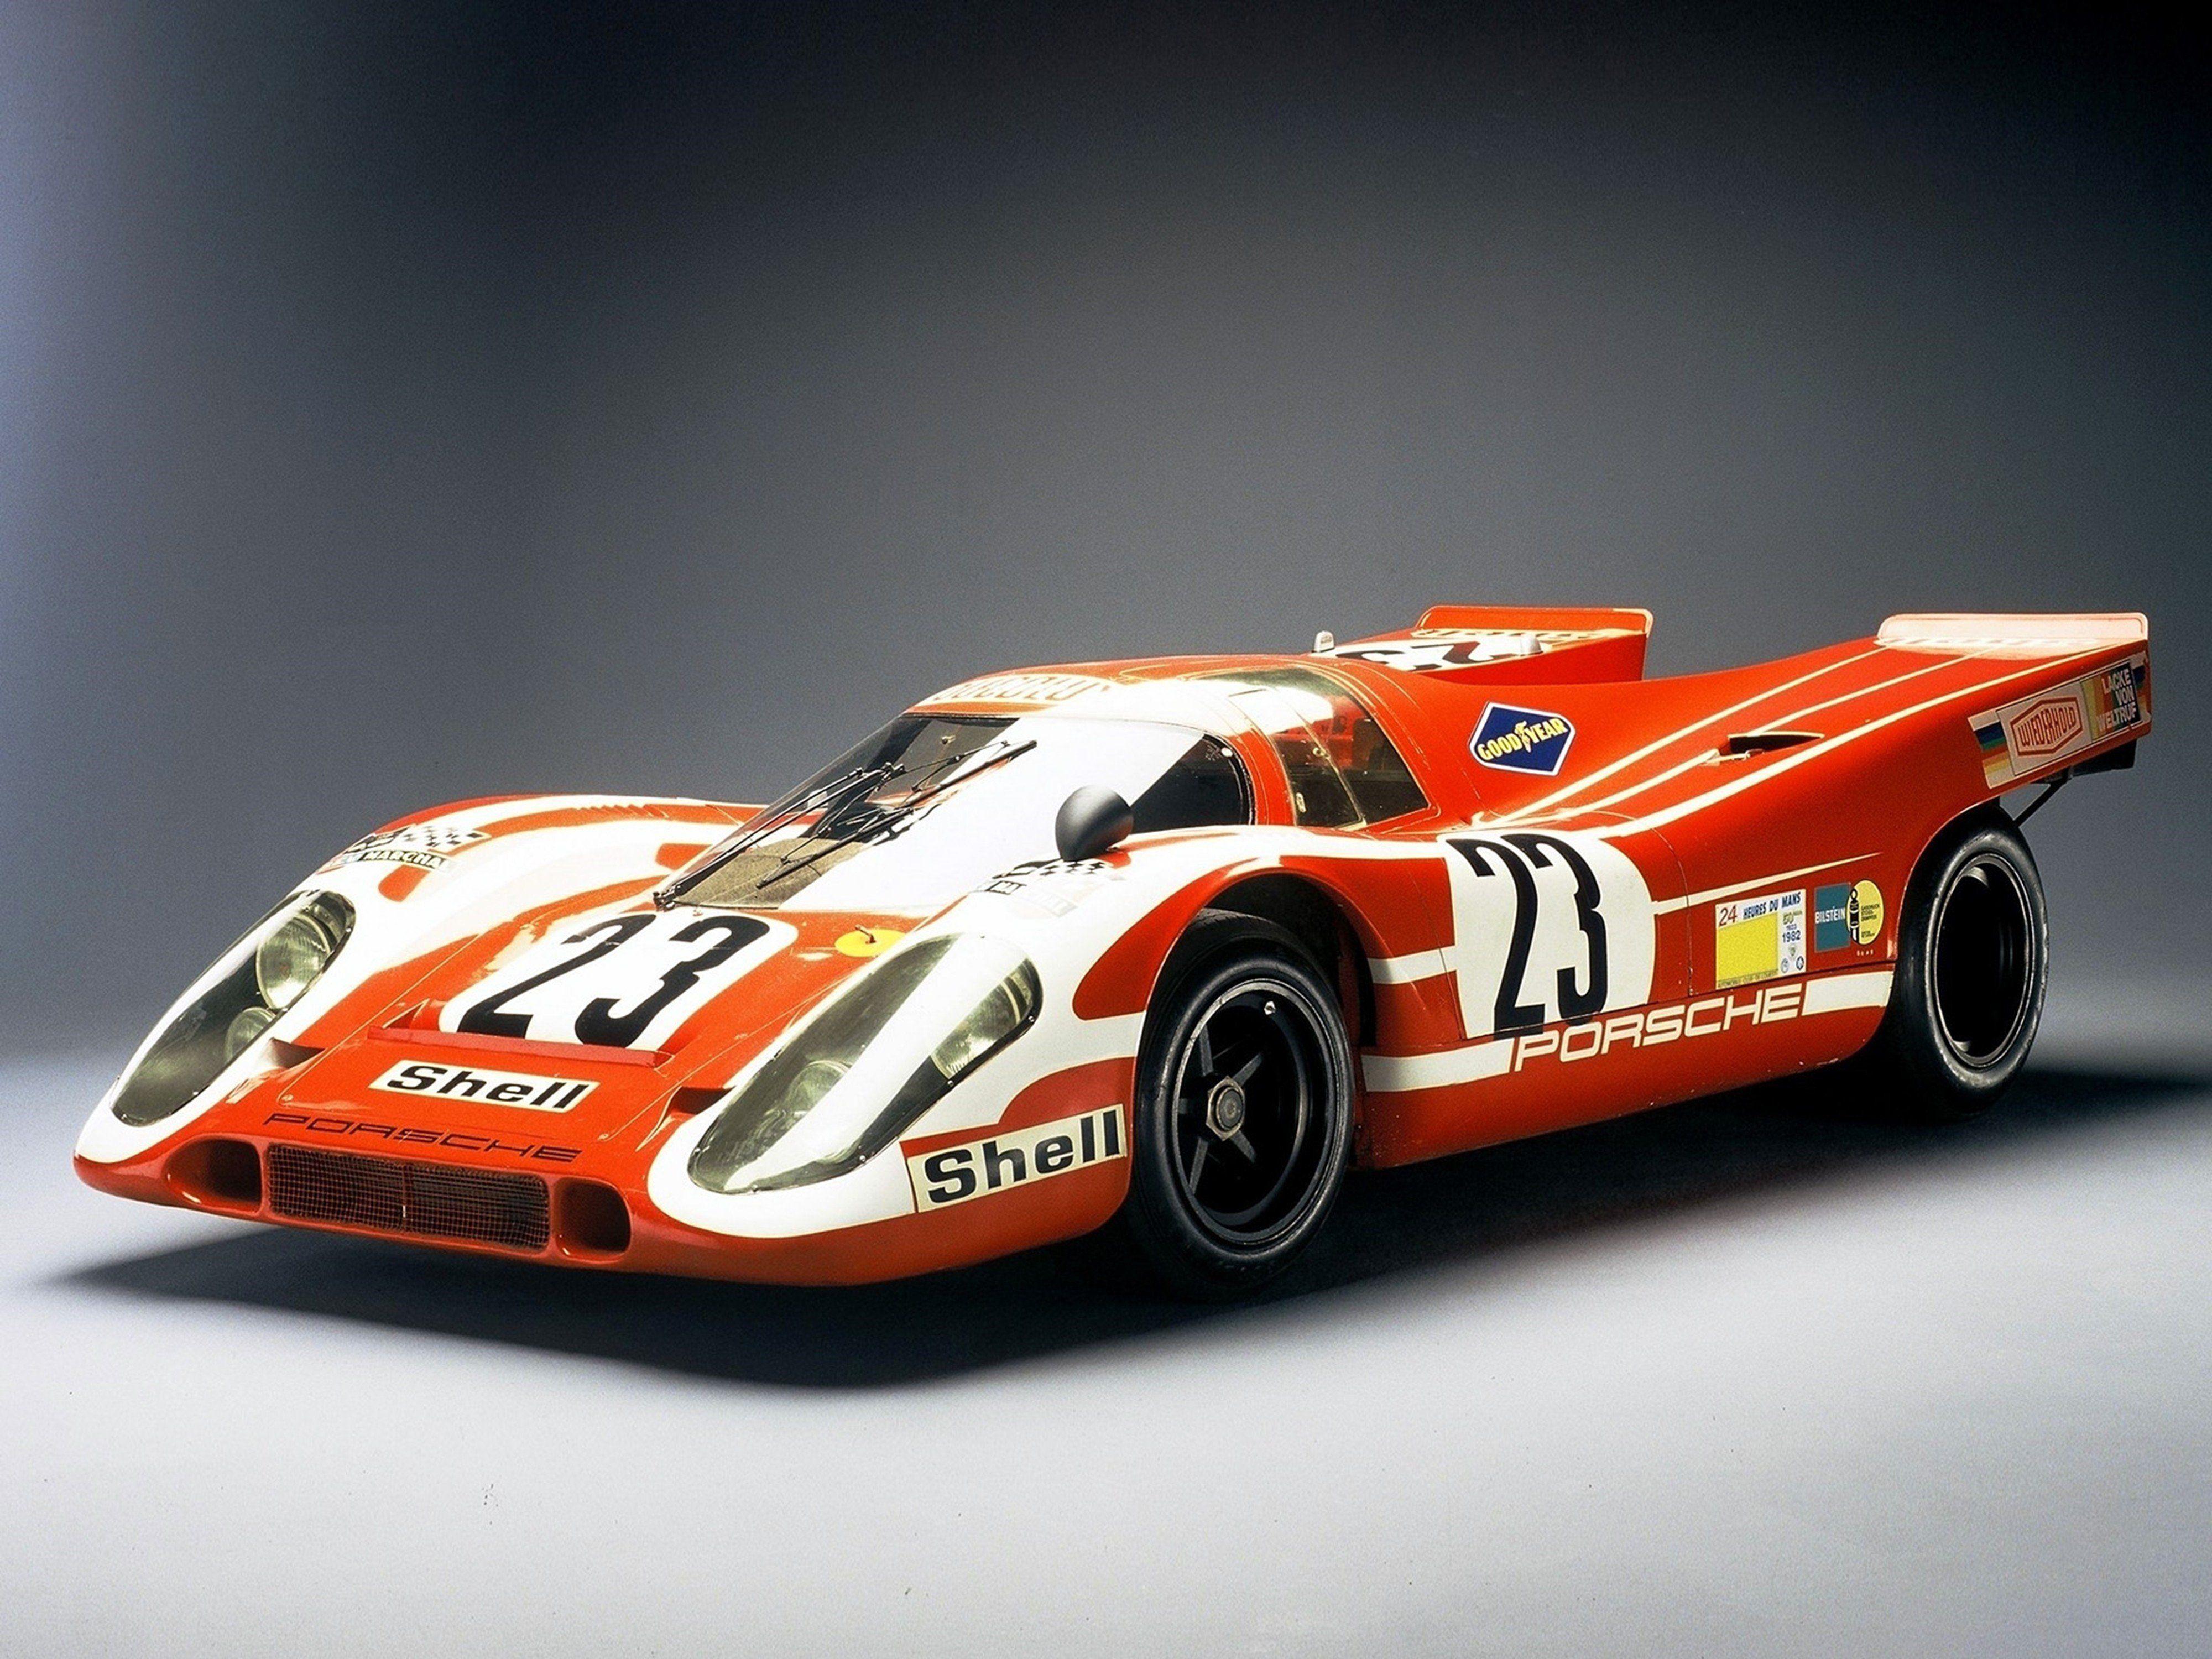 1970 Lemans Race Yahoo Search Results Porsche 917 Le Mans